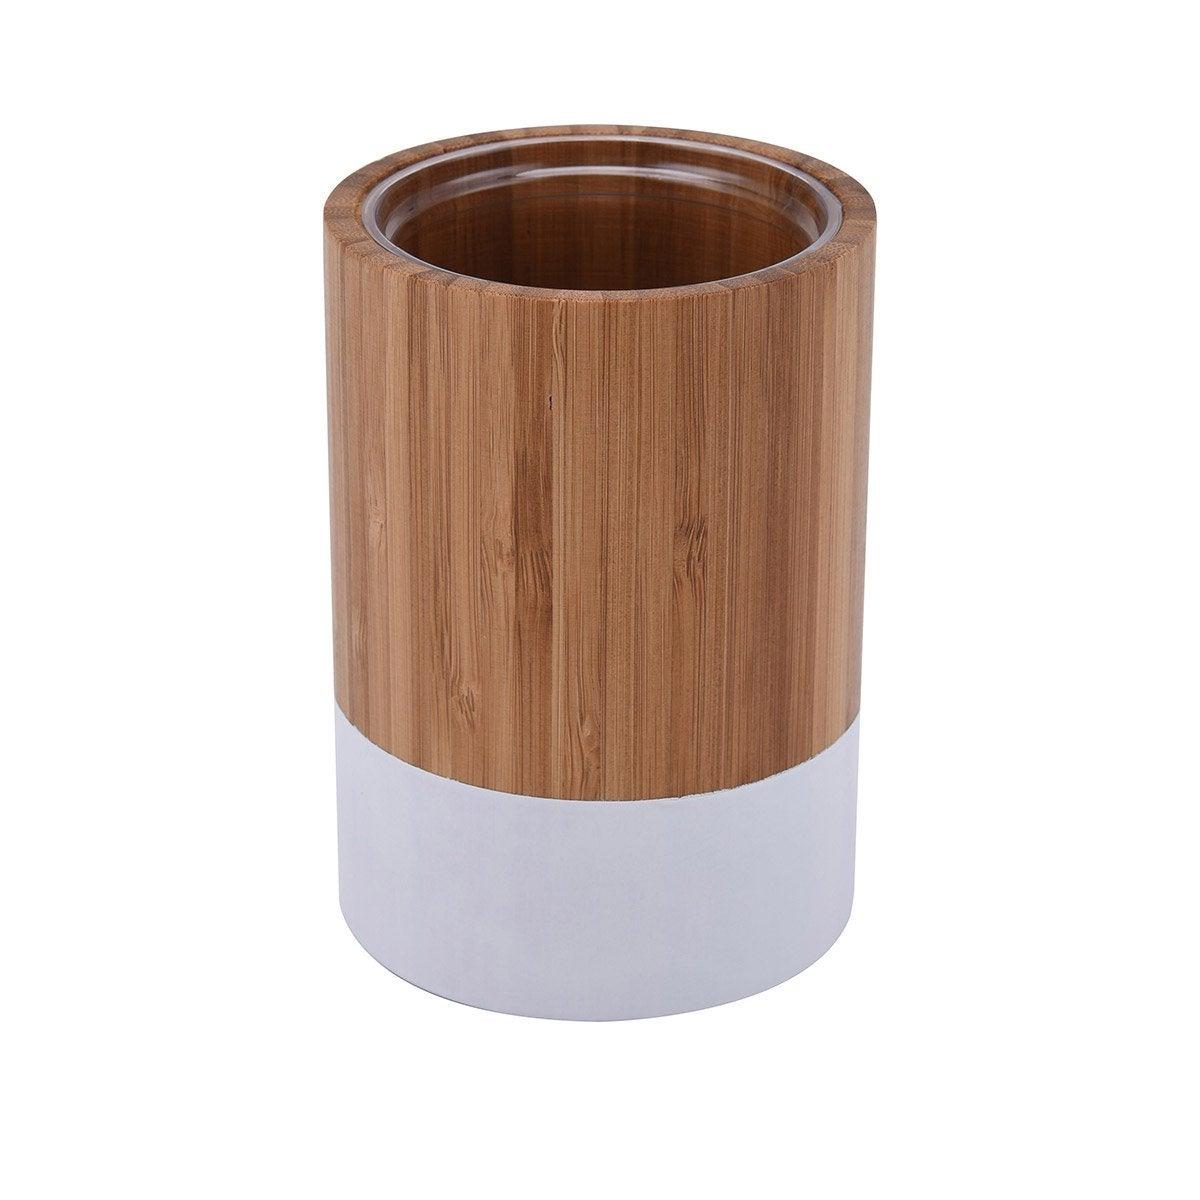 Gobelet bambou James, blanc-blanc n°0